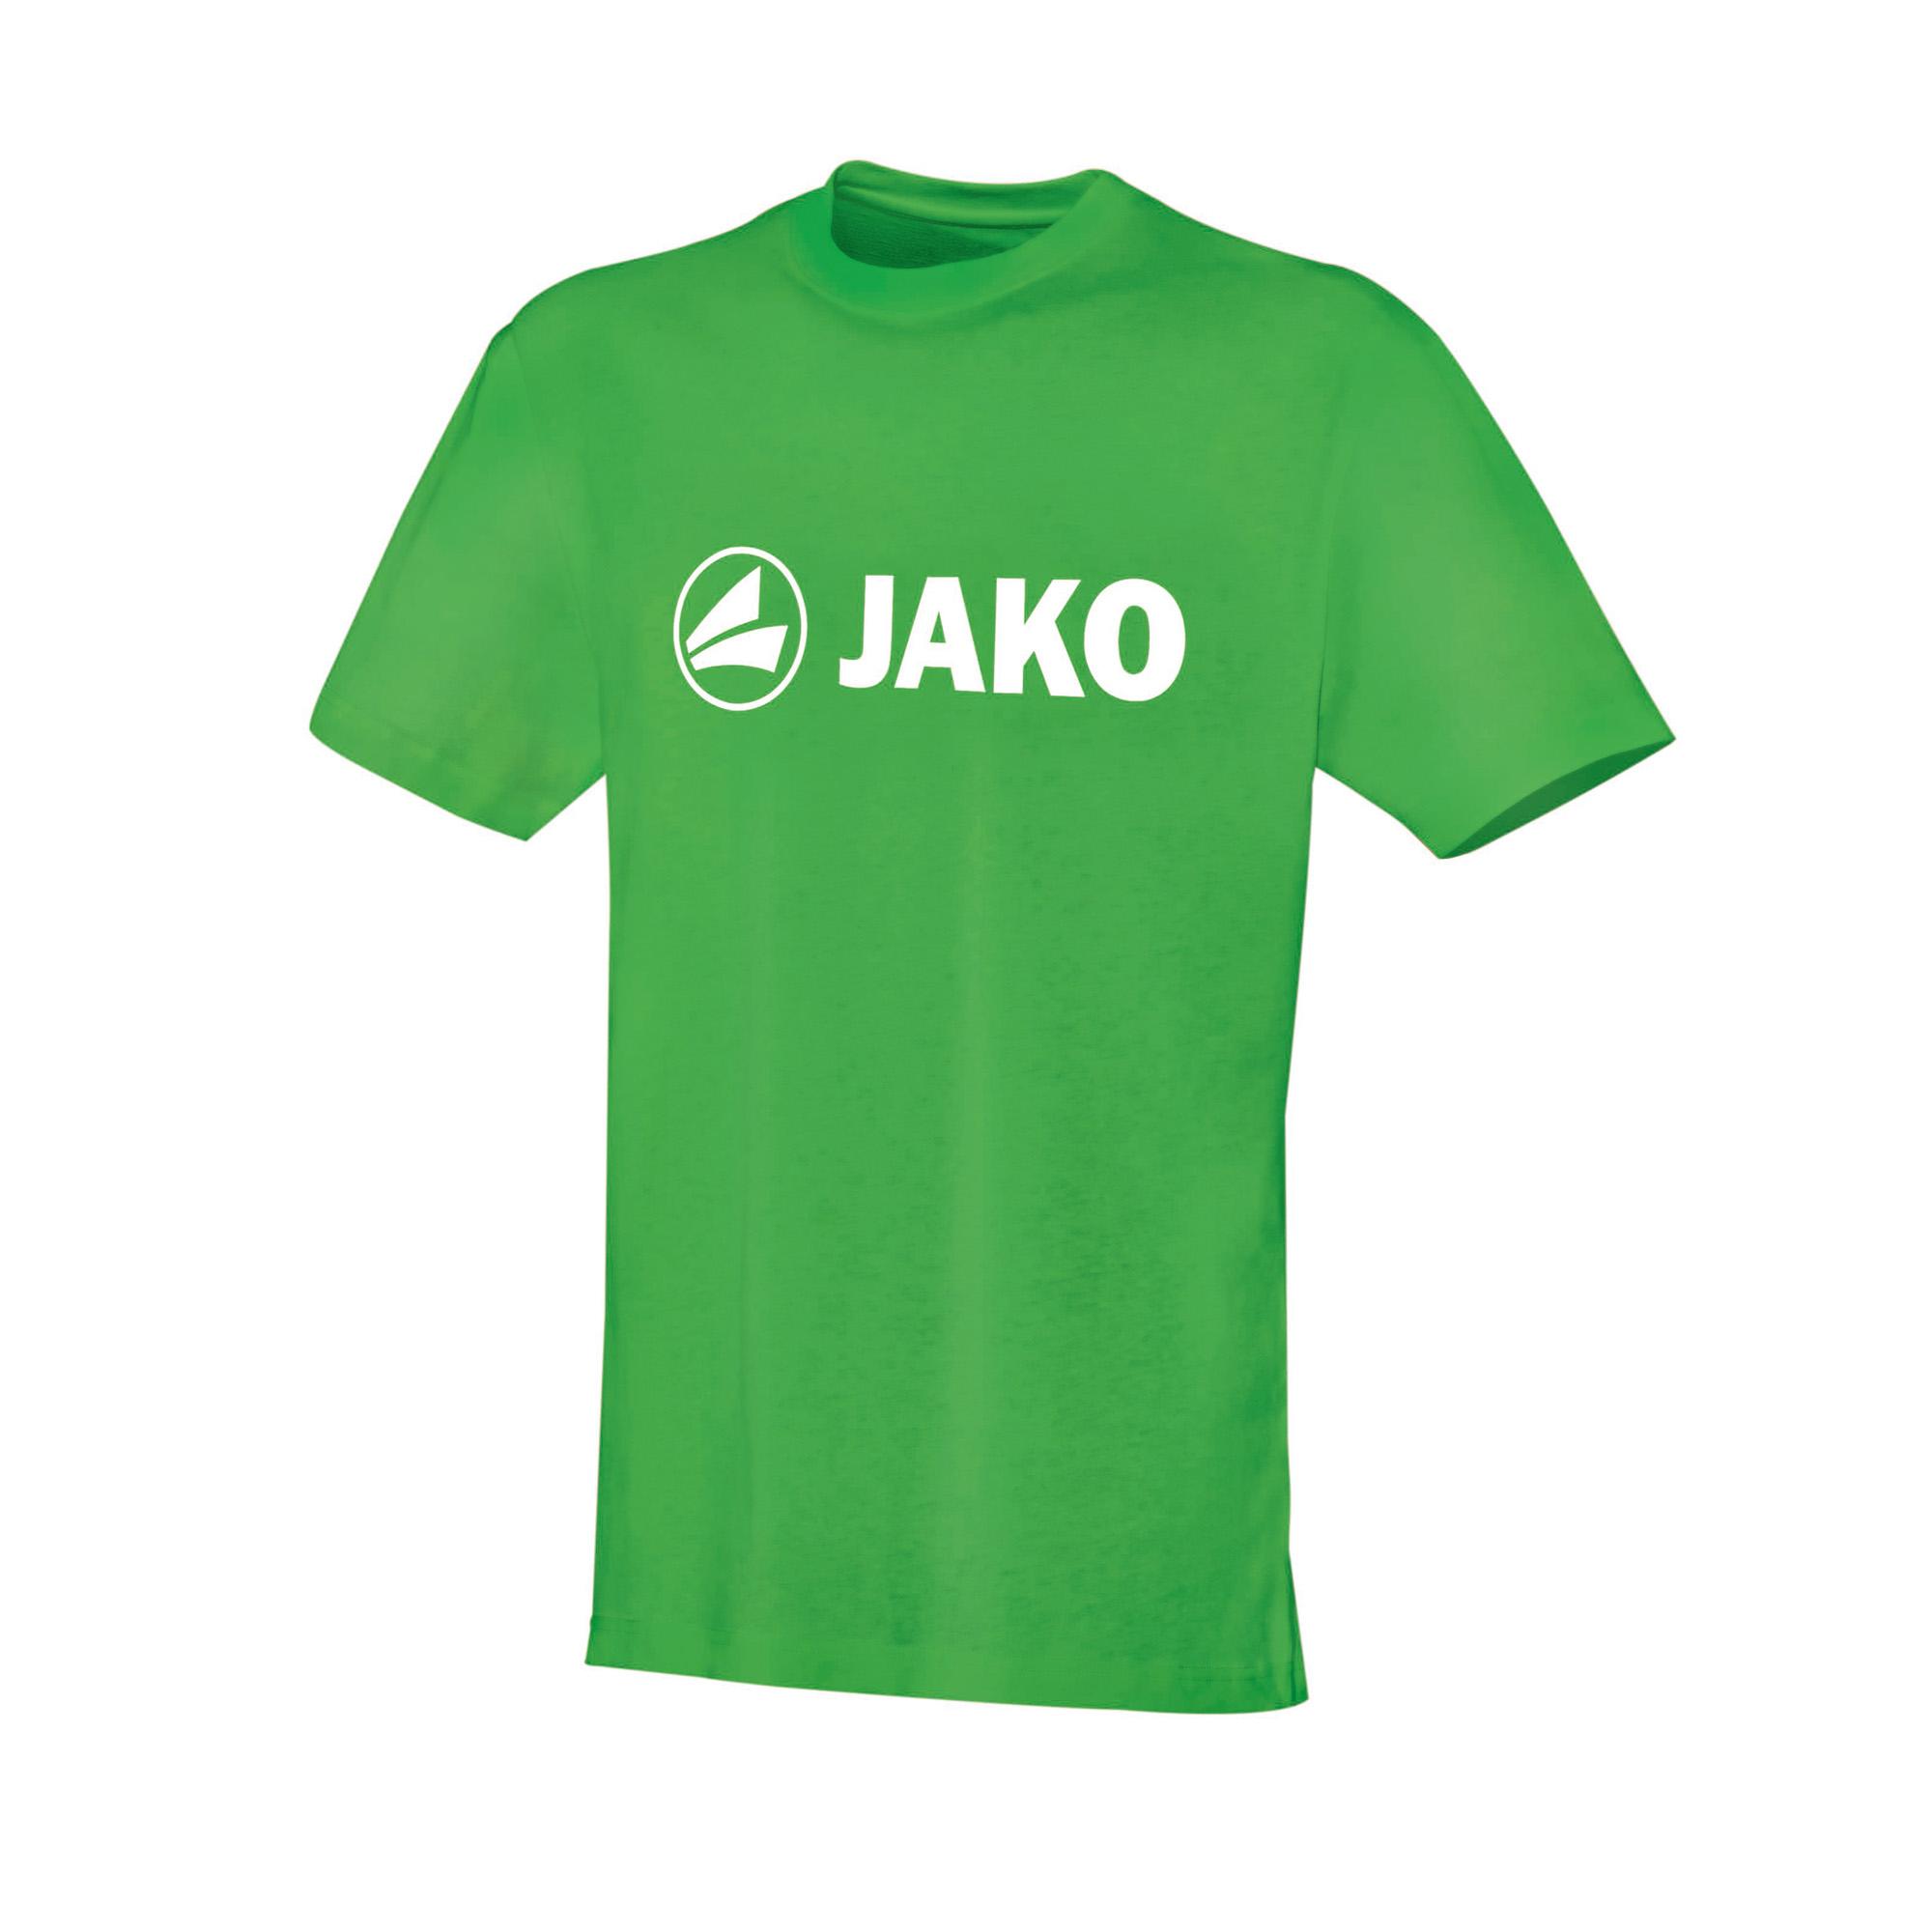 Jako Herren T-Shirt Promo 6163-22 XXL